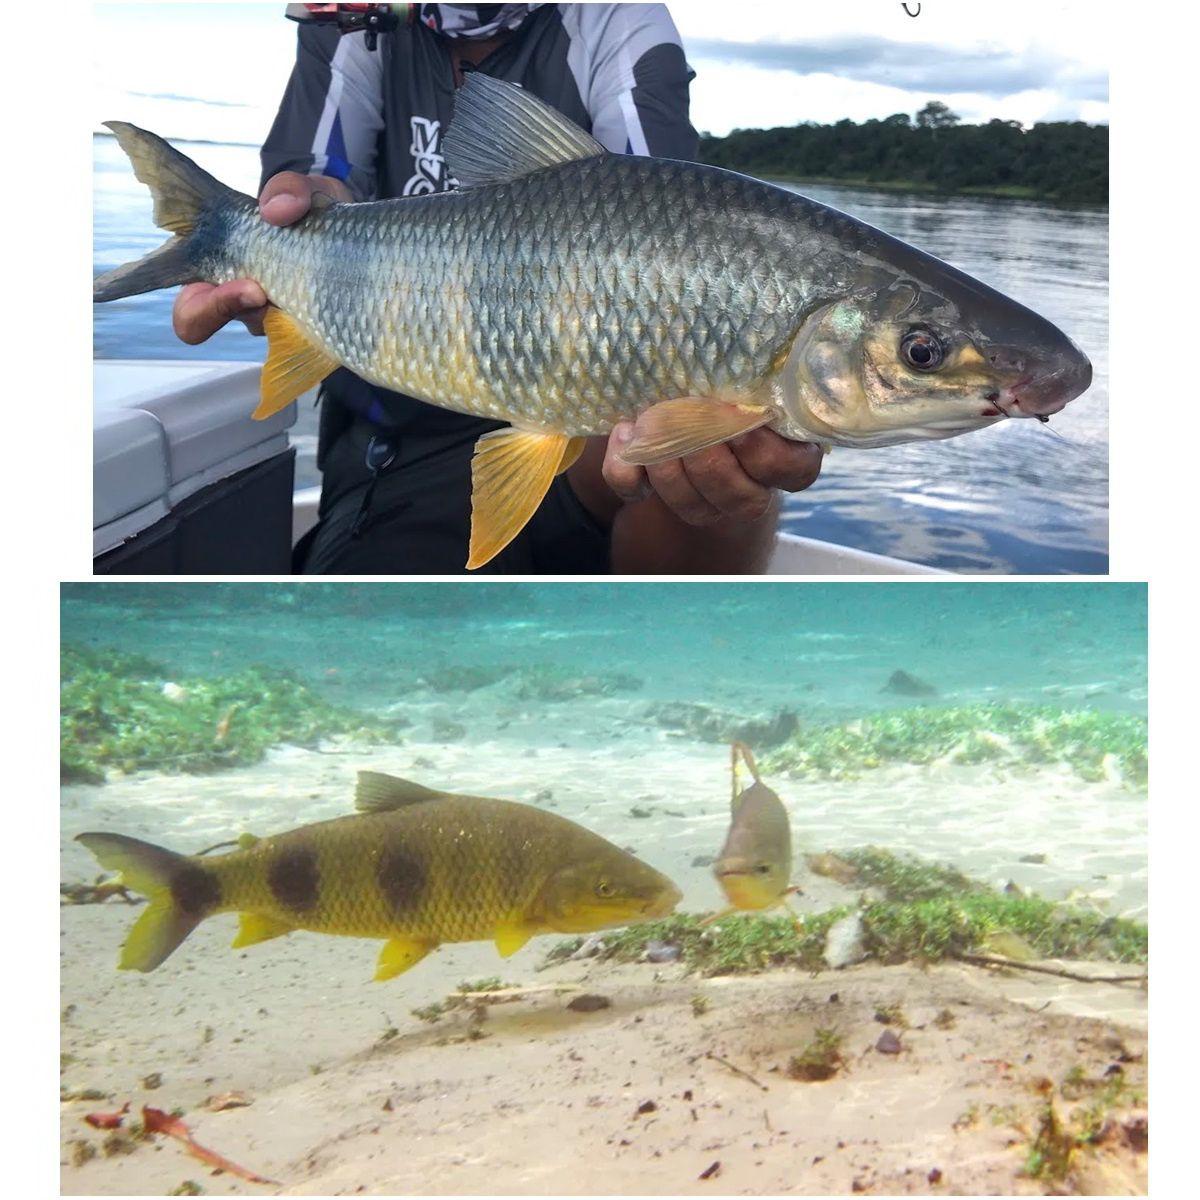 Kit De Pesca Completo 2 Vara 1,70 2 Molinete 3 Rol Com Itens